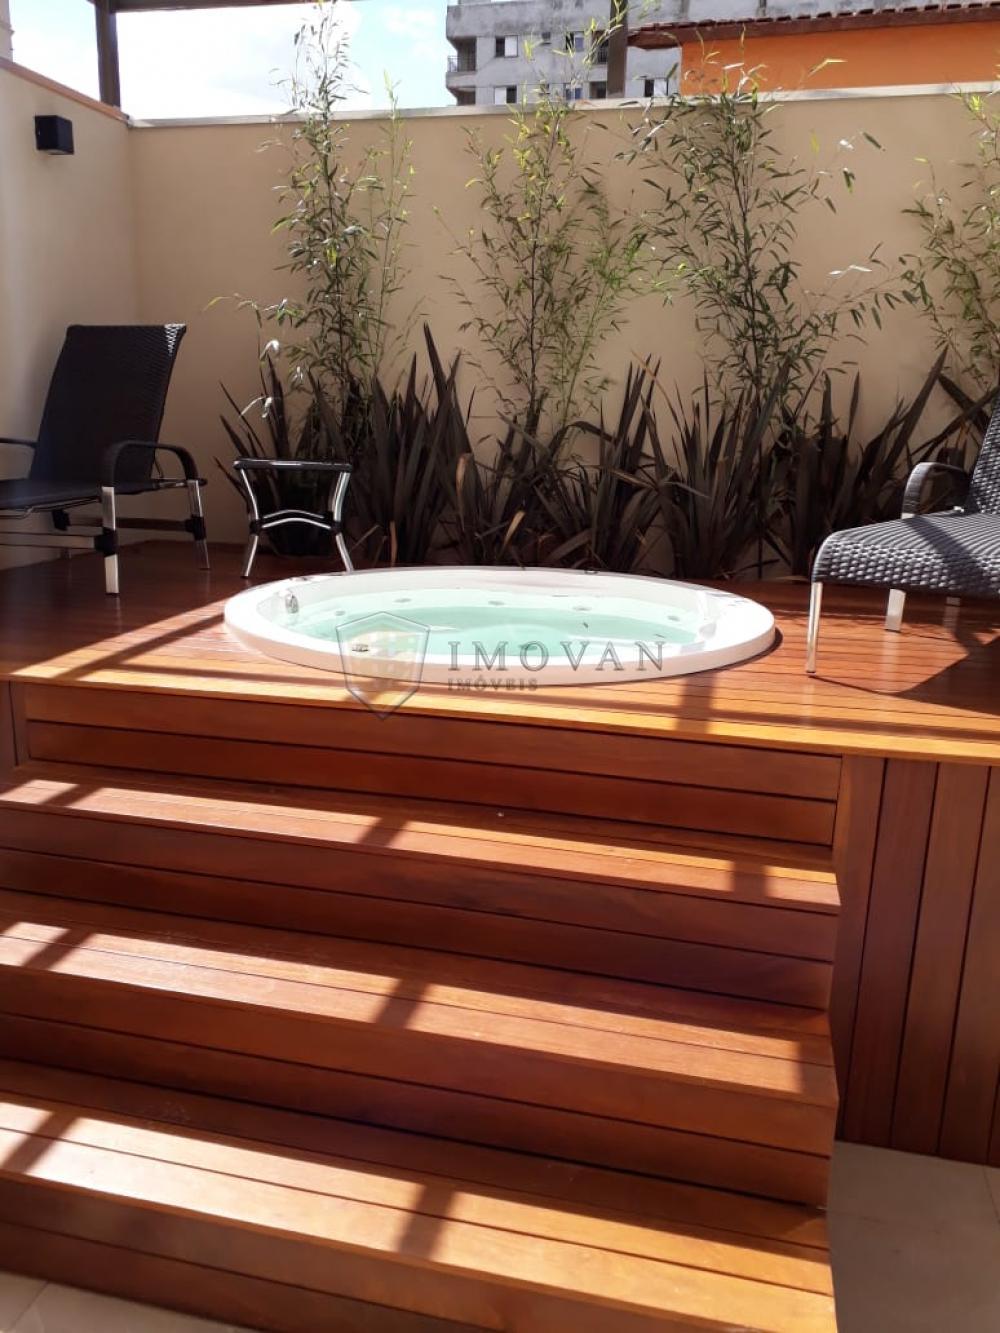 Comprar Apartamento / Padrão em Ribeirão Preto apenas R$ 350.000,00 - Foto 14